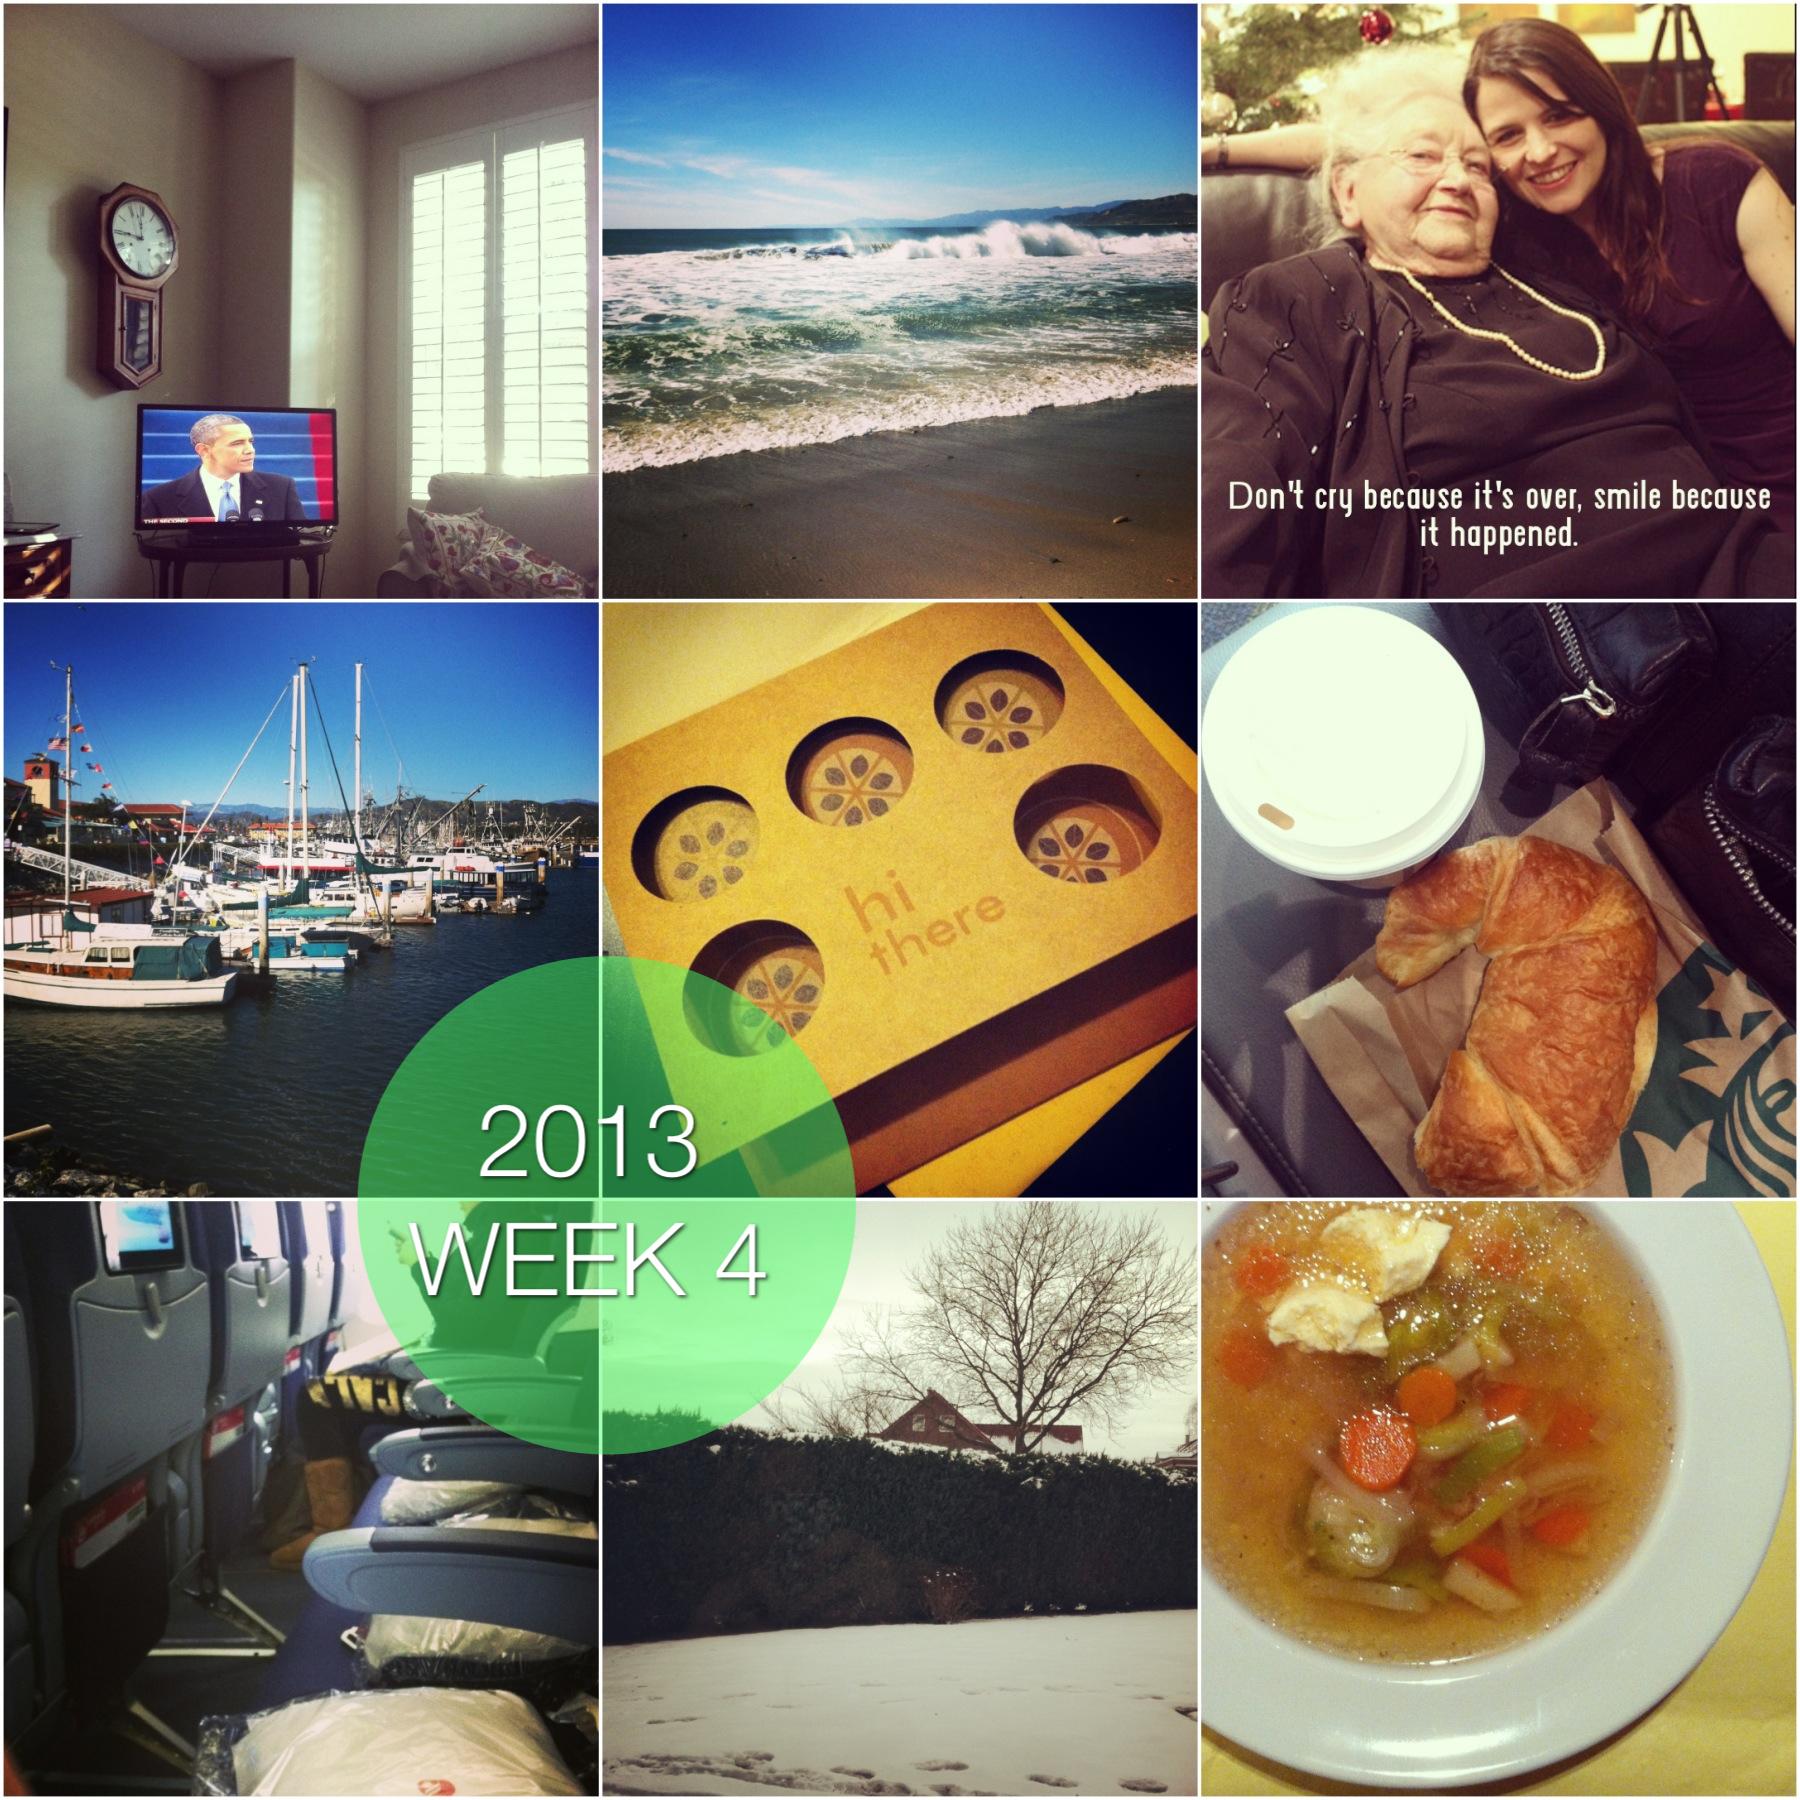 2013: WEEK 4